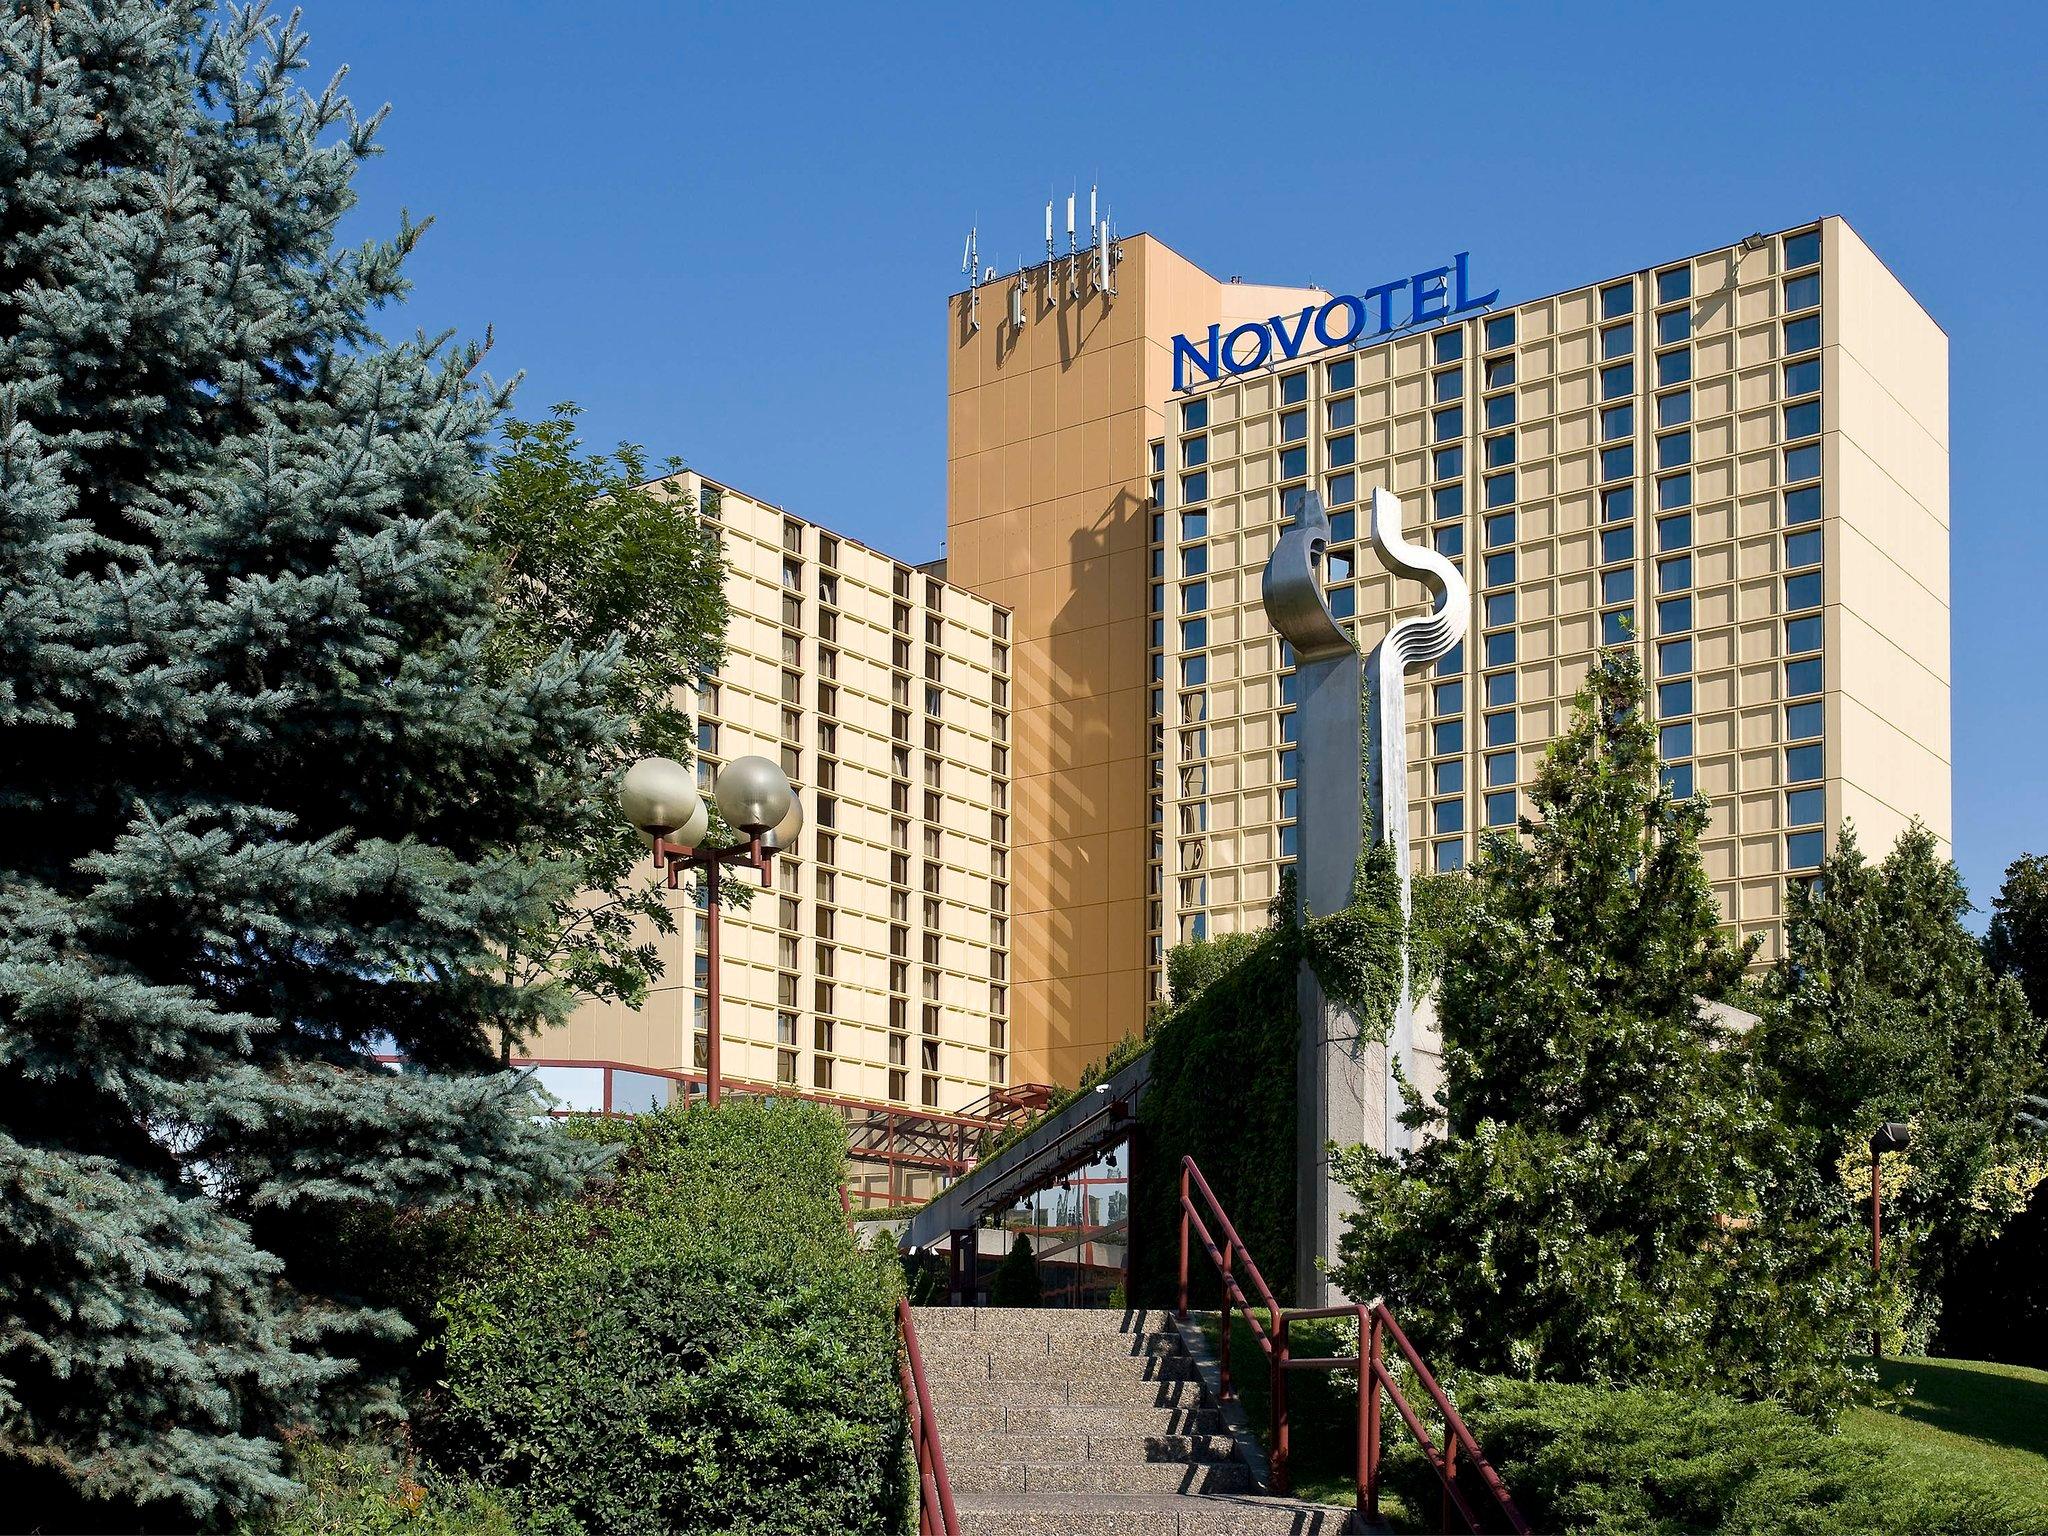 Novotel Budapest City